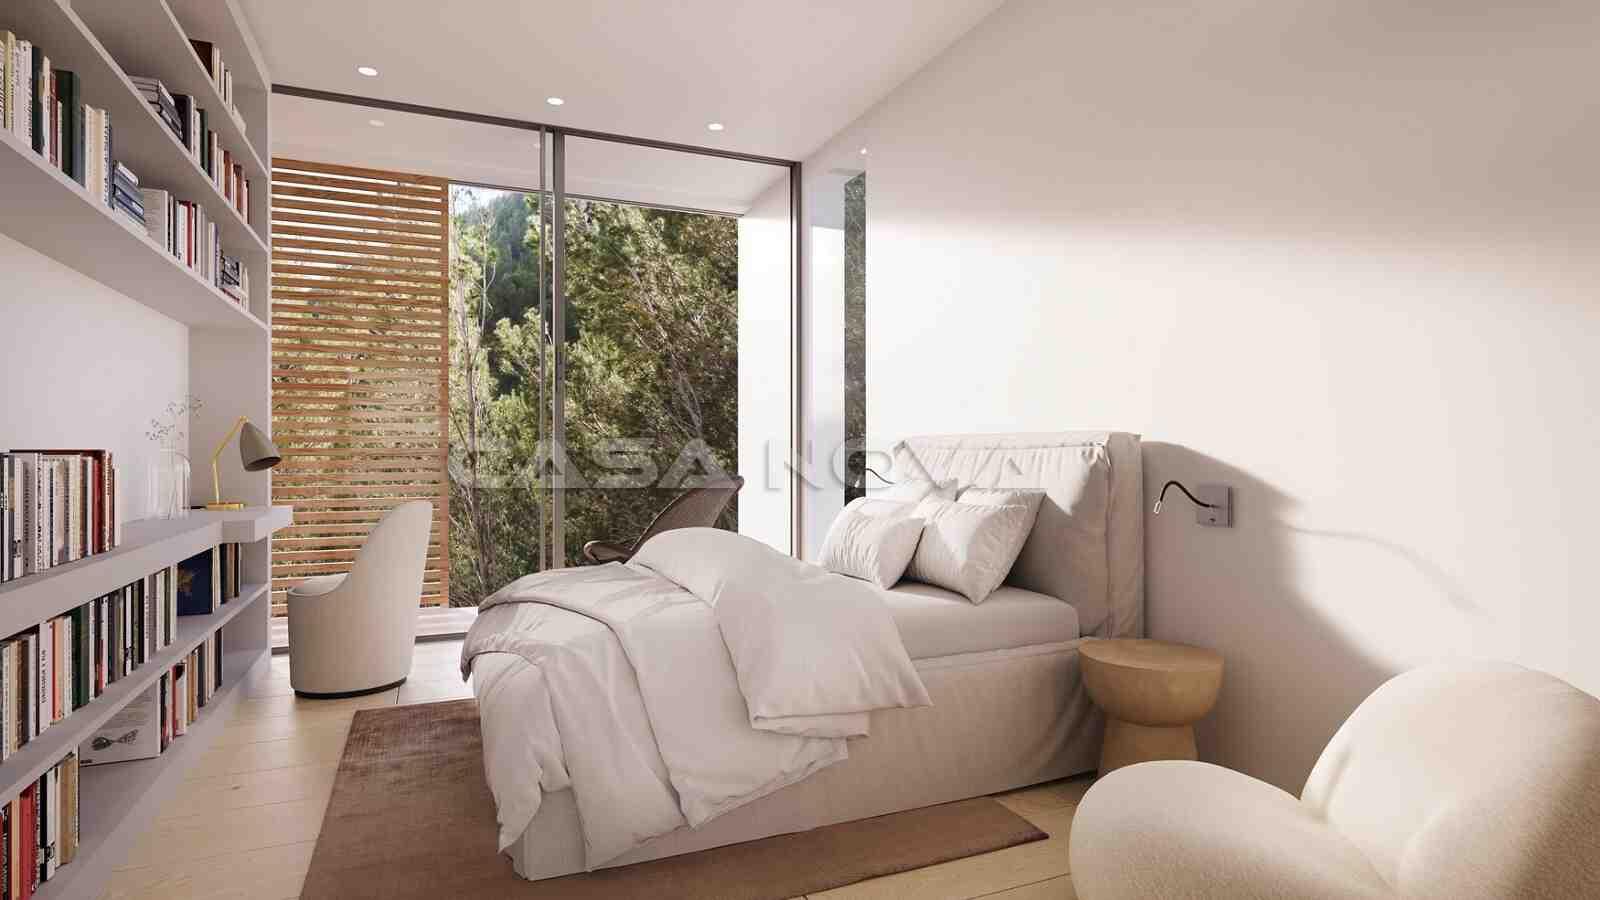 Helles Schlafzimmer mit moderner Einrichtung